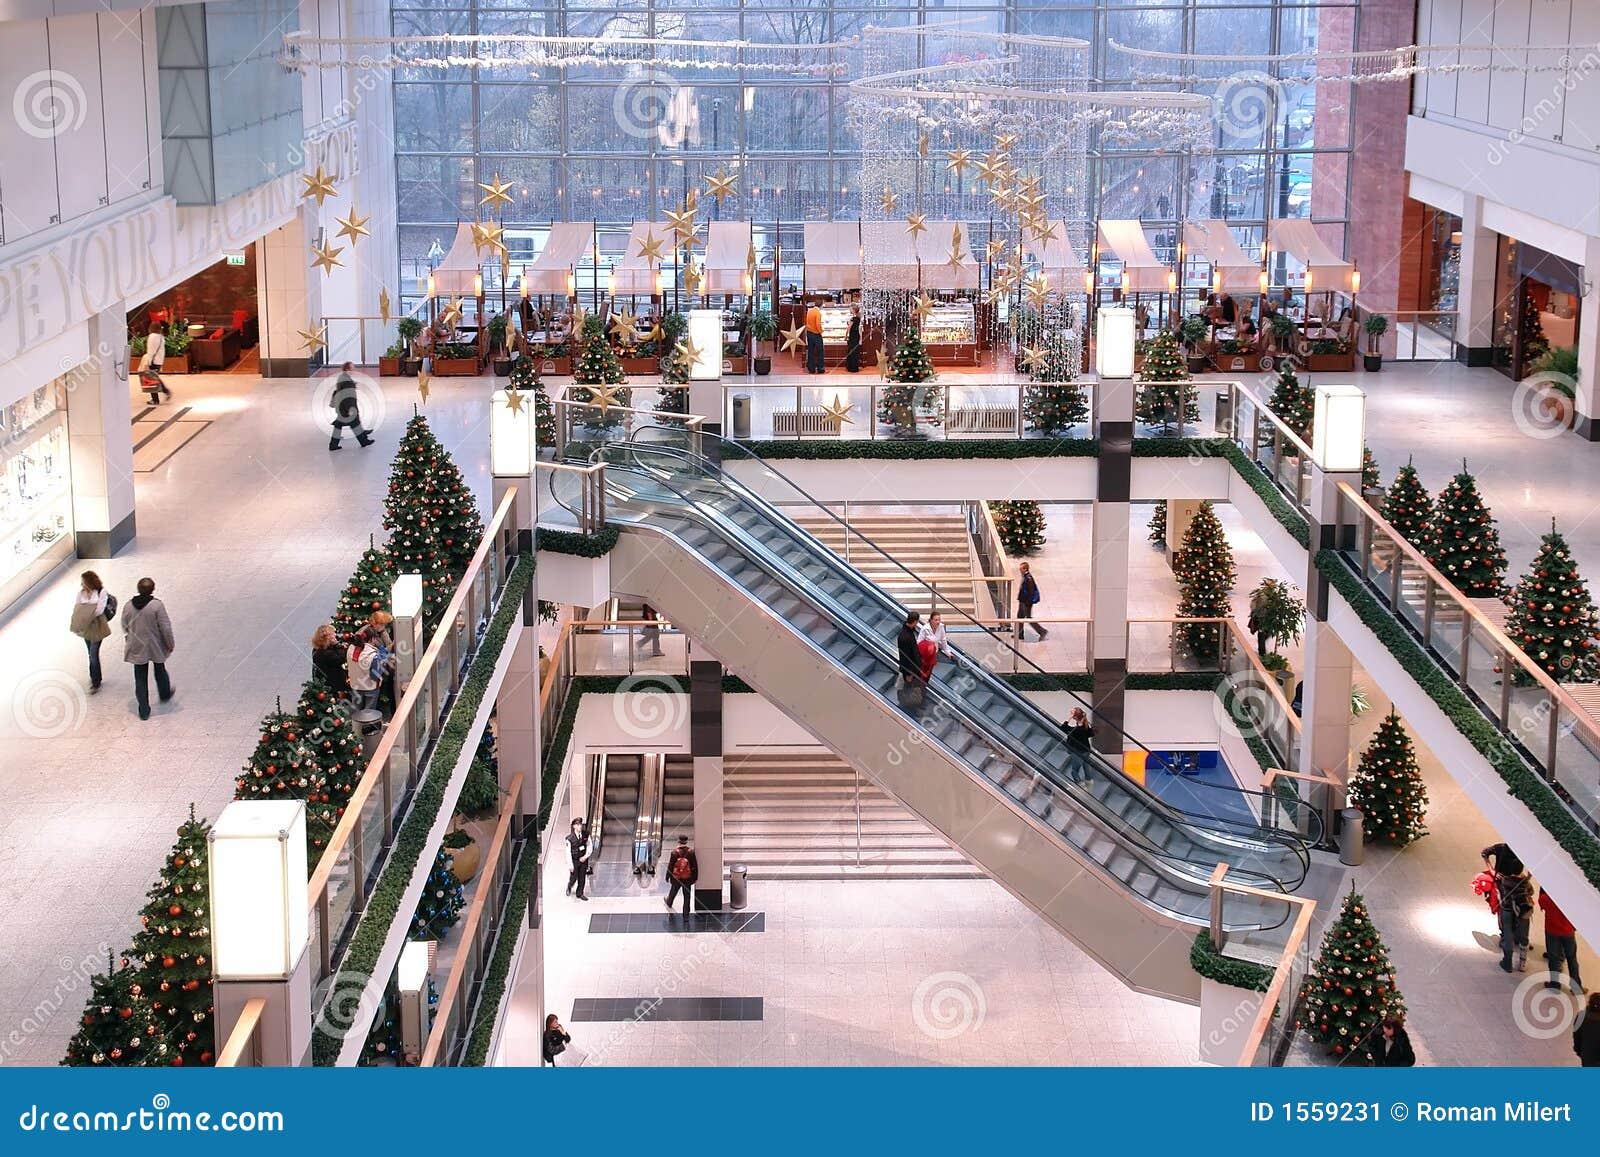 Shopping center at xmas time